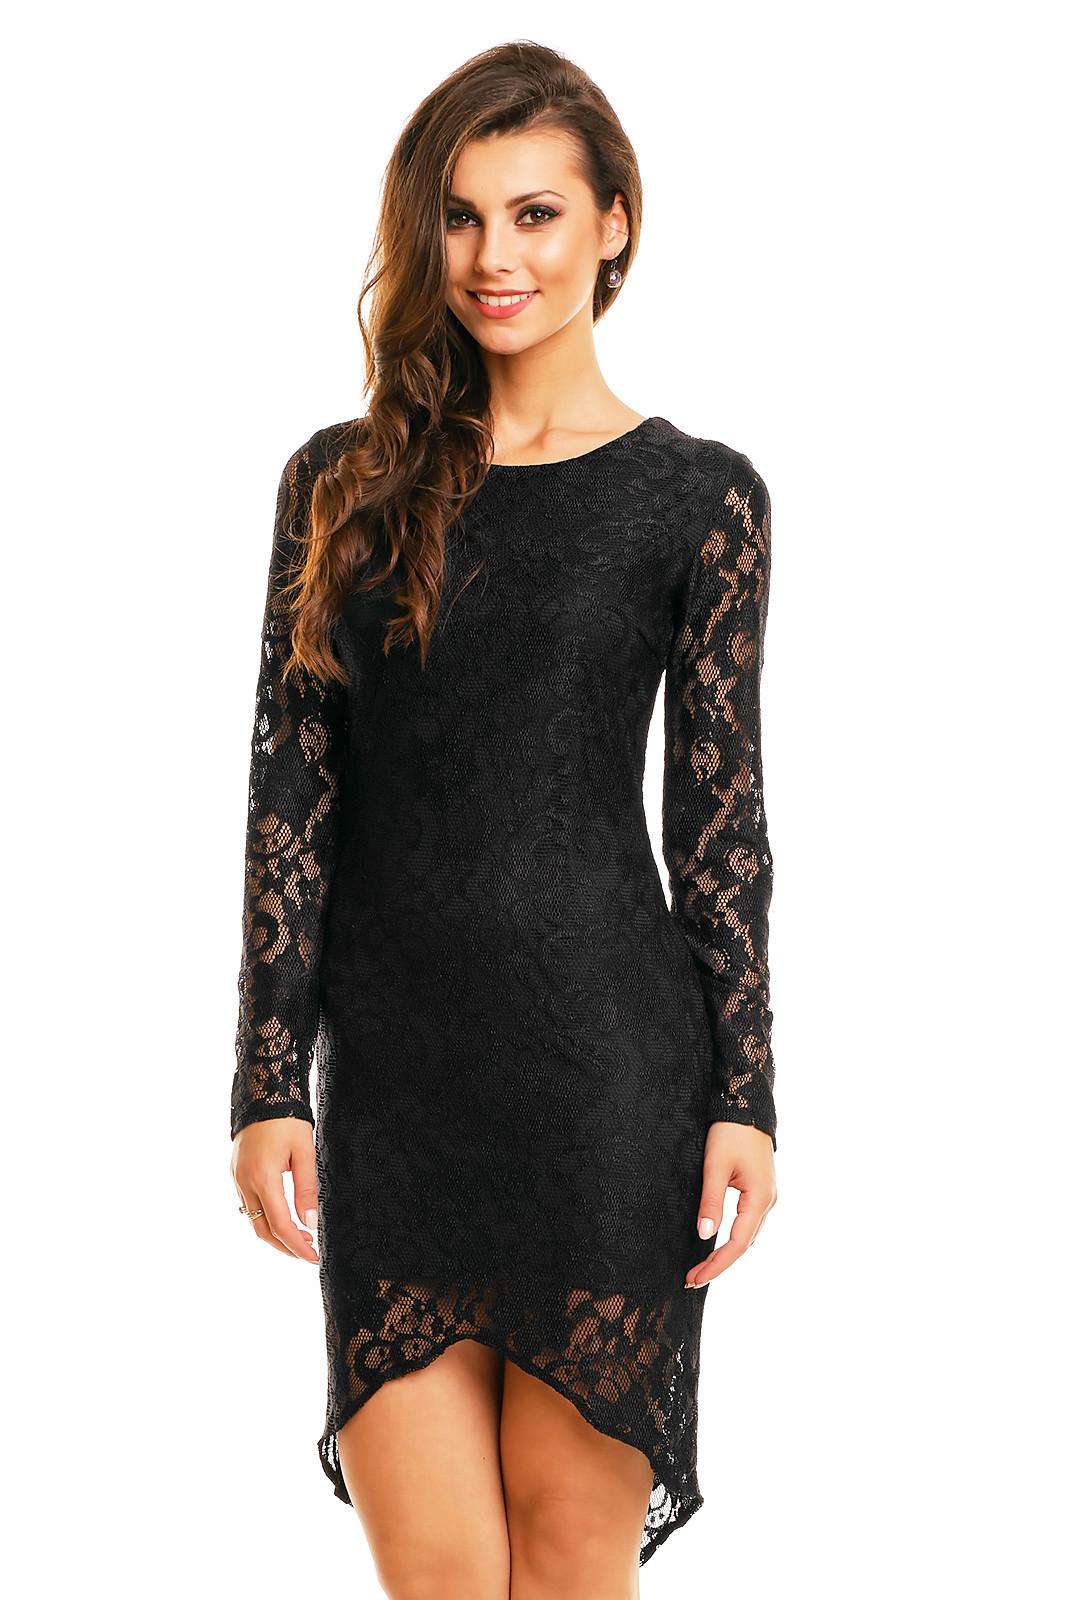 Společenské šaty značkové MAYAADI krajkové s asymetrickou sukní černé - Černá - MAYAADI černá S